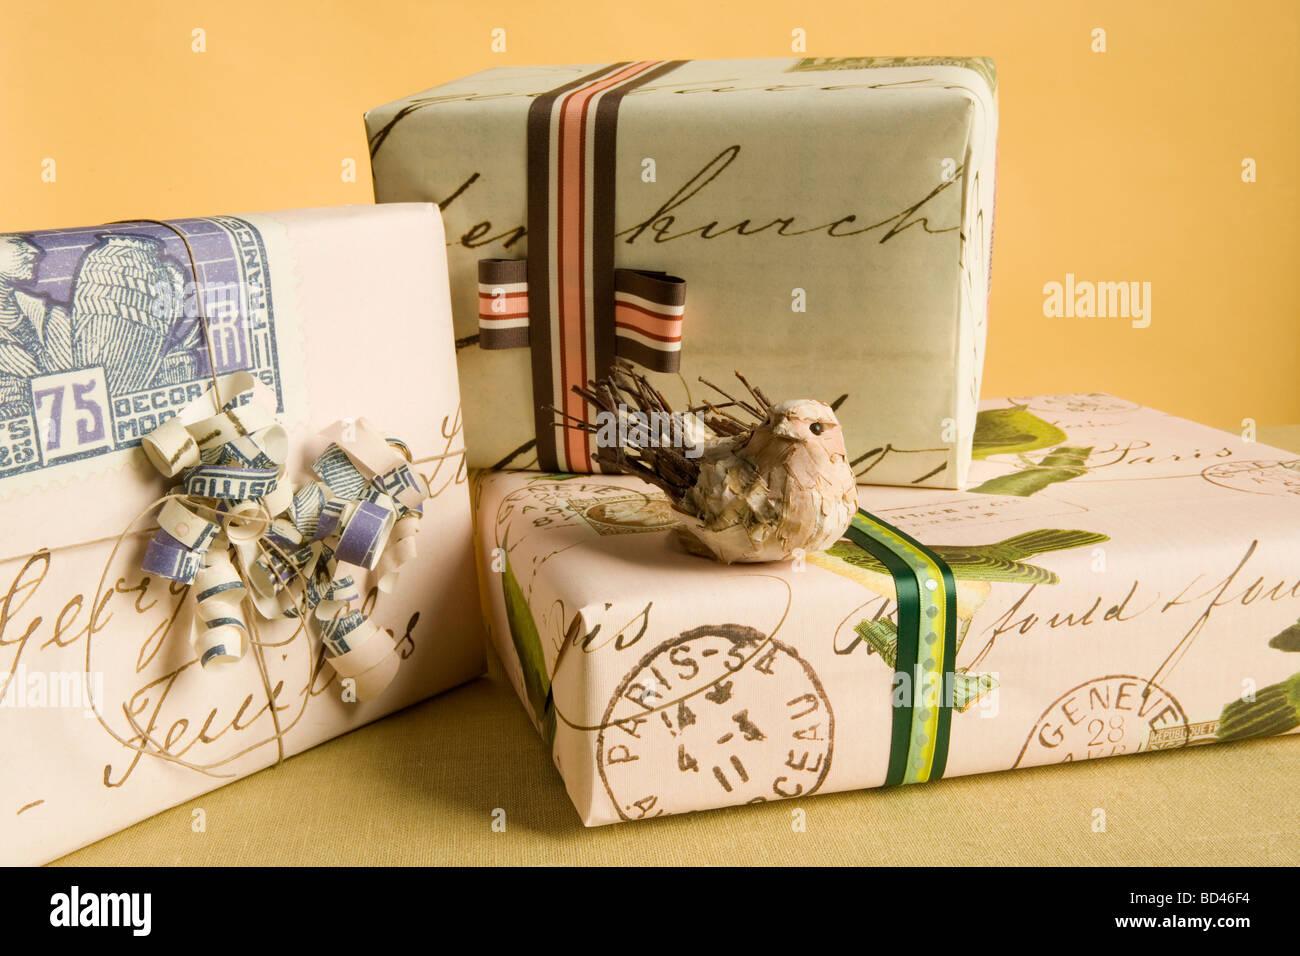 Geschenke stapeln sich auf einer party Stockfoto